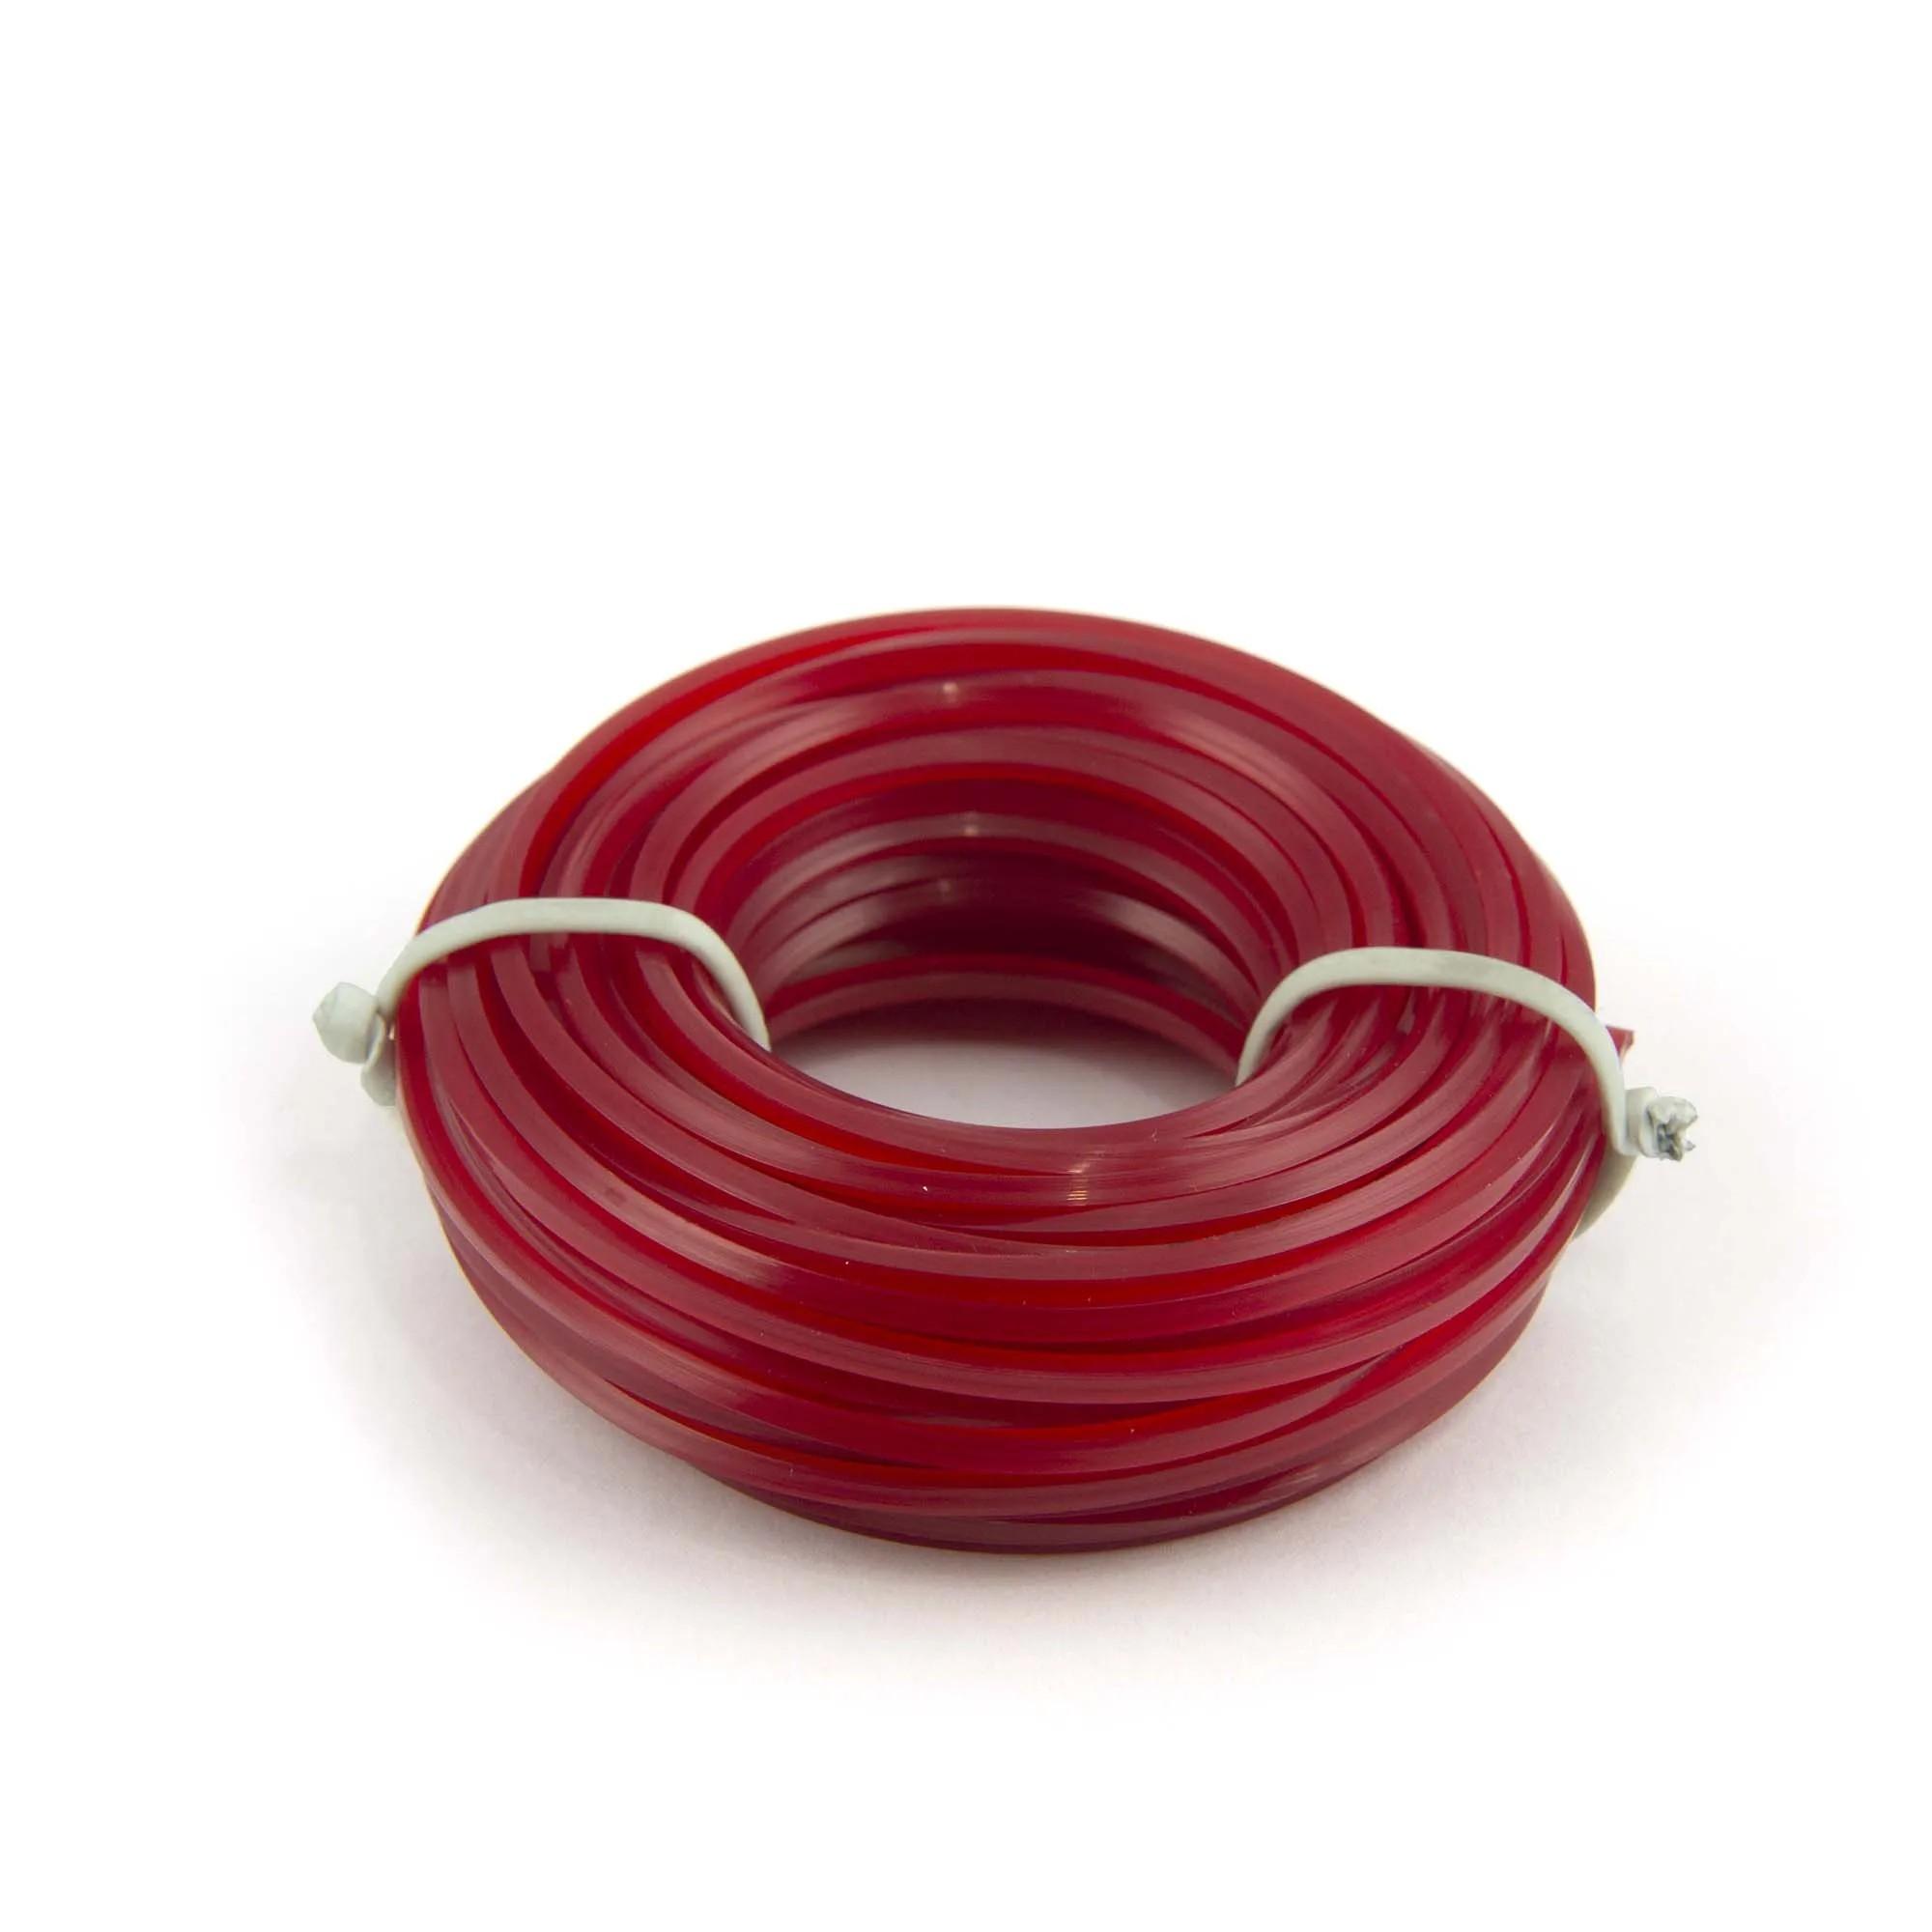 Linha cortador Grama vermelha 2,50mm - 10m  - Artpesca